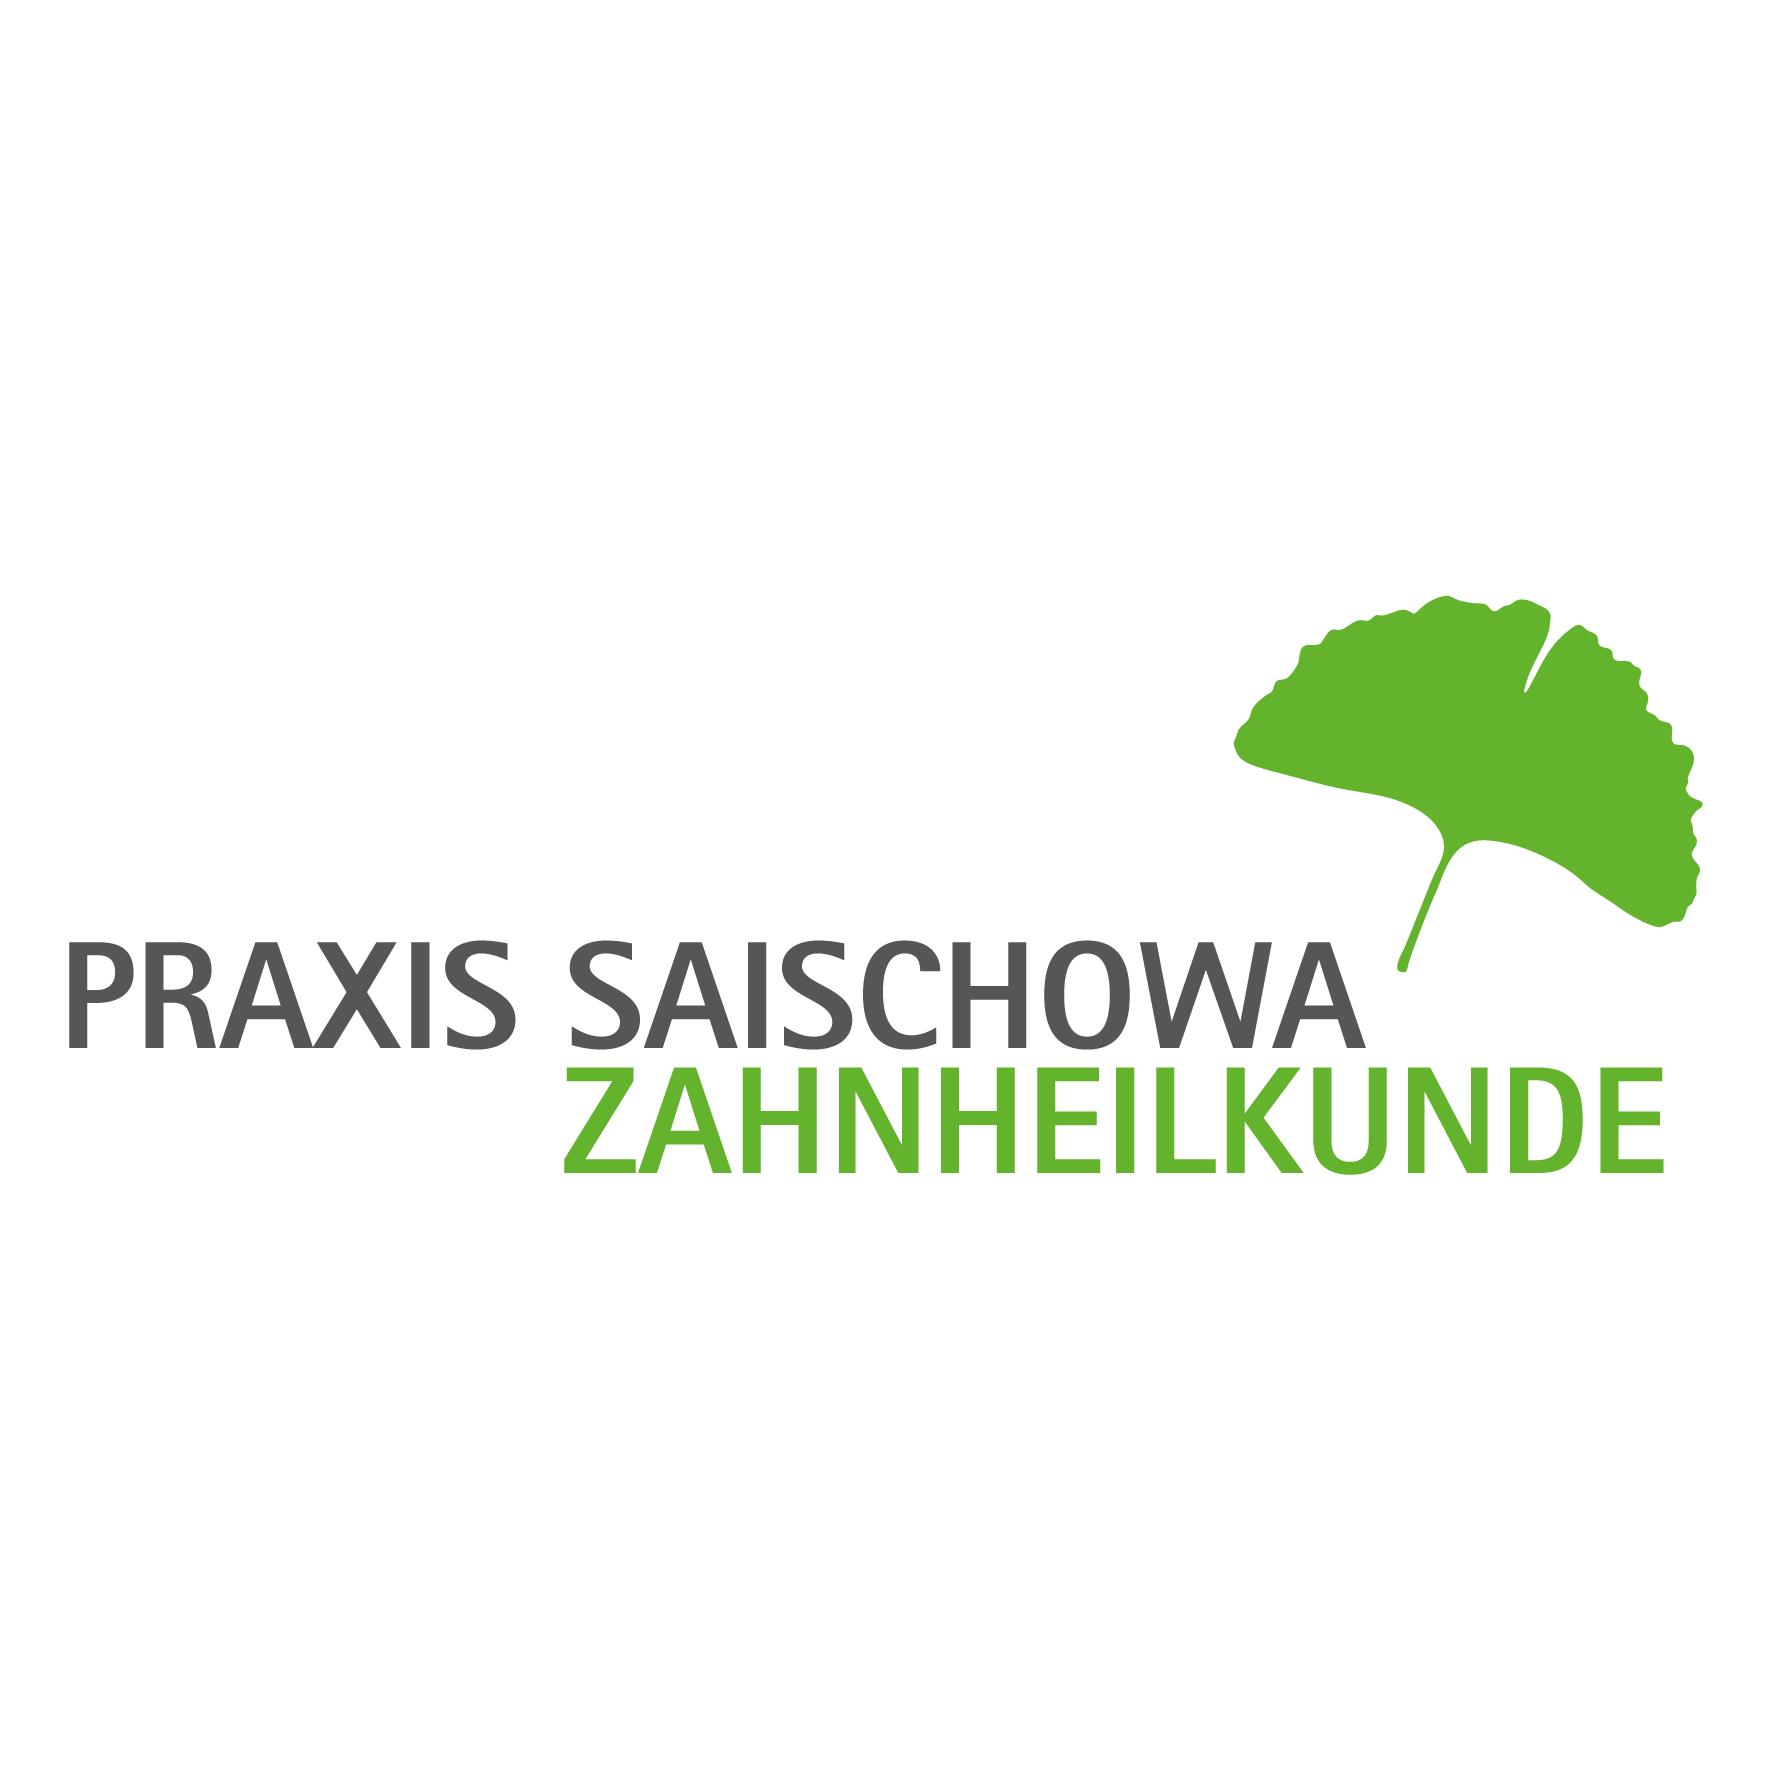 Bild zu Zahnarzt - Kai Saischowa Wenden in Braunschweig